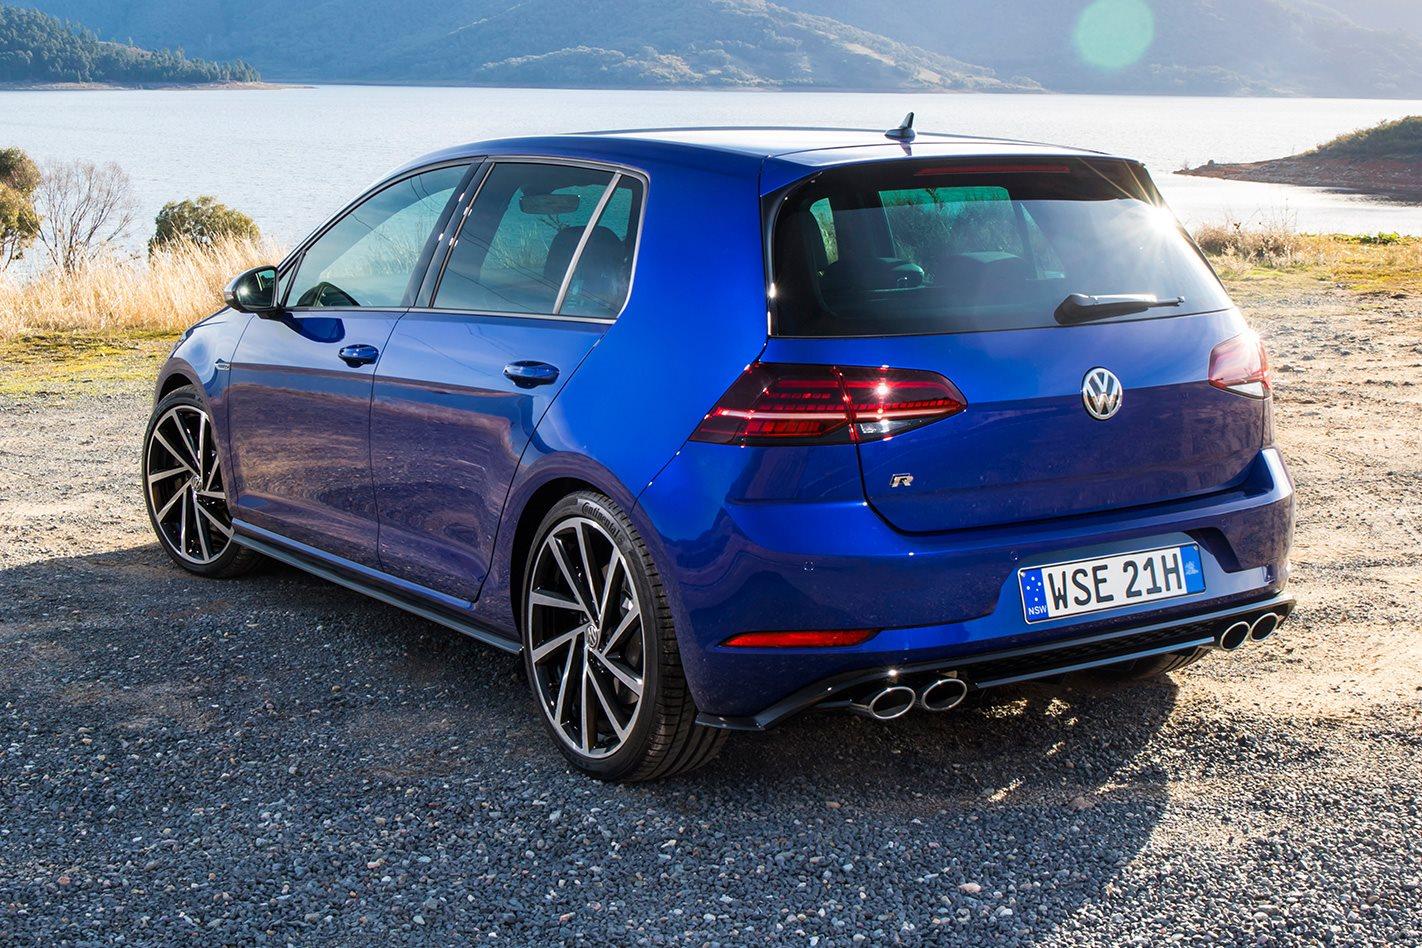 2017 Volkswagen Golf R 7.5 rear.jpg